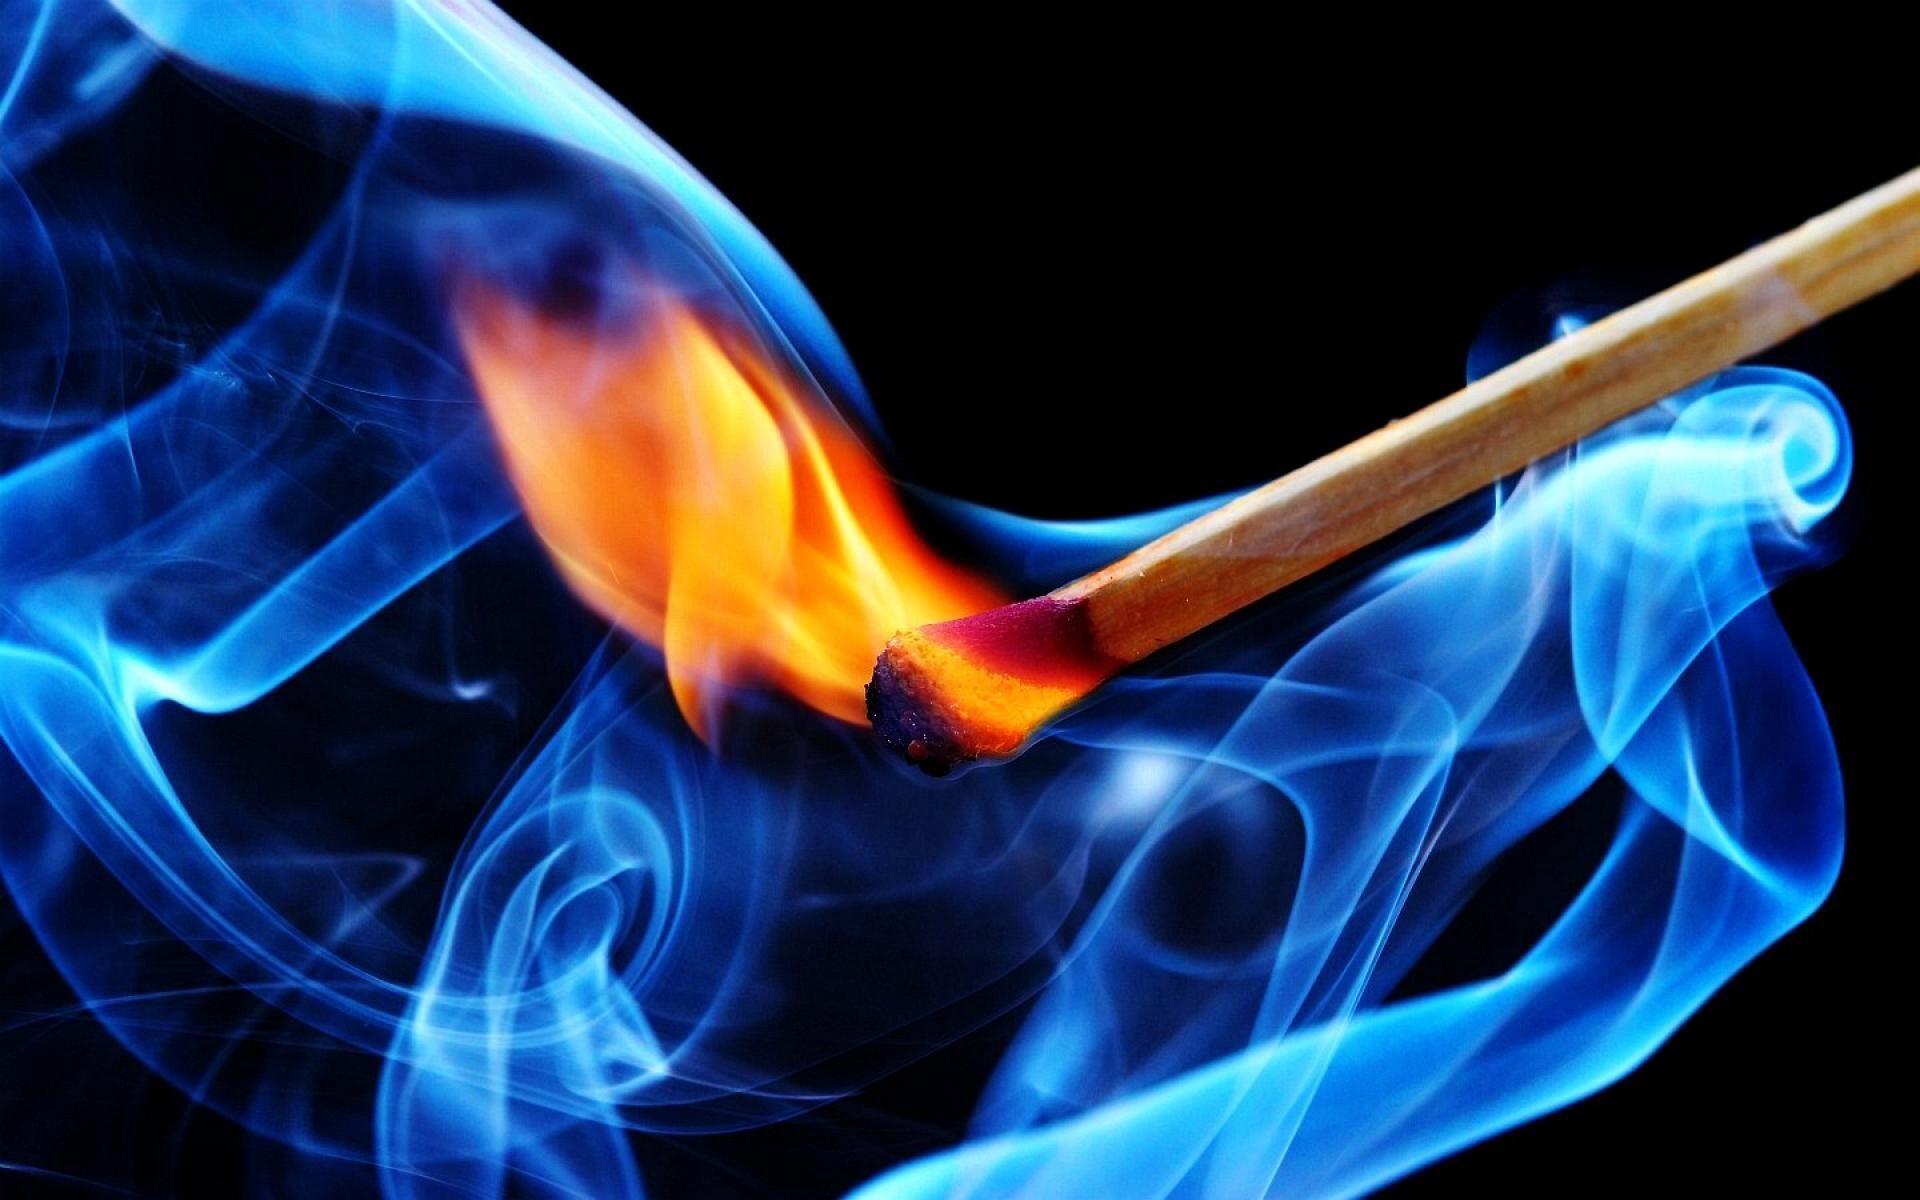 Из биомассы создали самый огнестойкий пластик